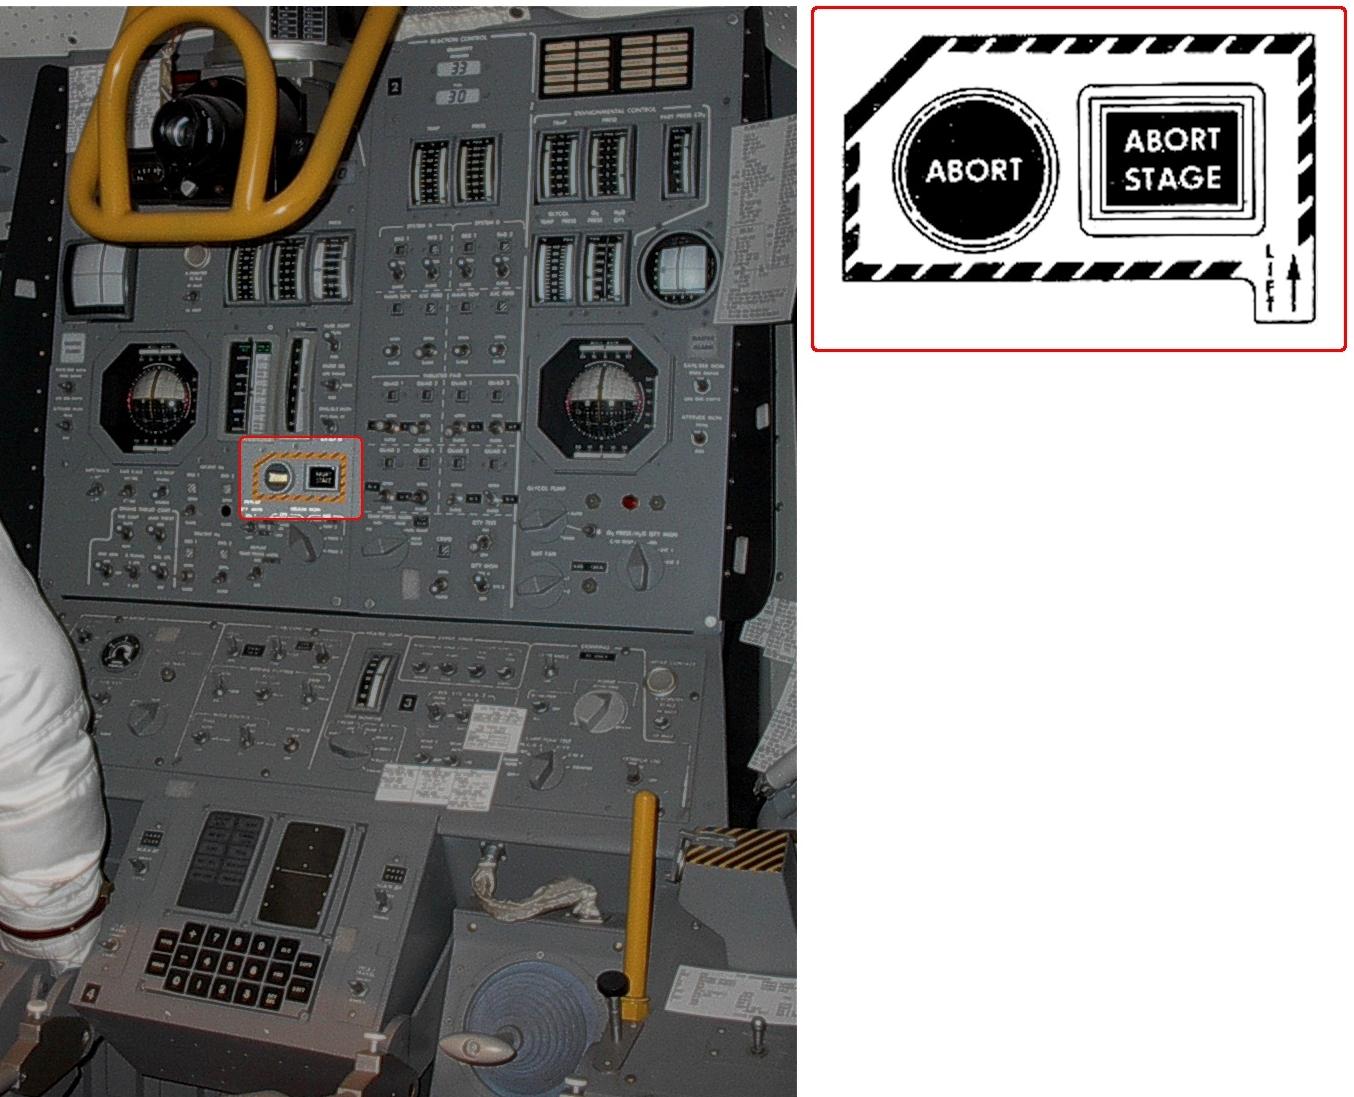 Botón de aborto (Abort Stage) y situación del mismo en el panel de mando del Módulo Lunar.